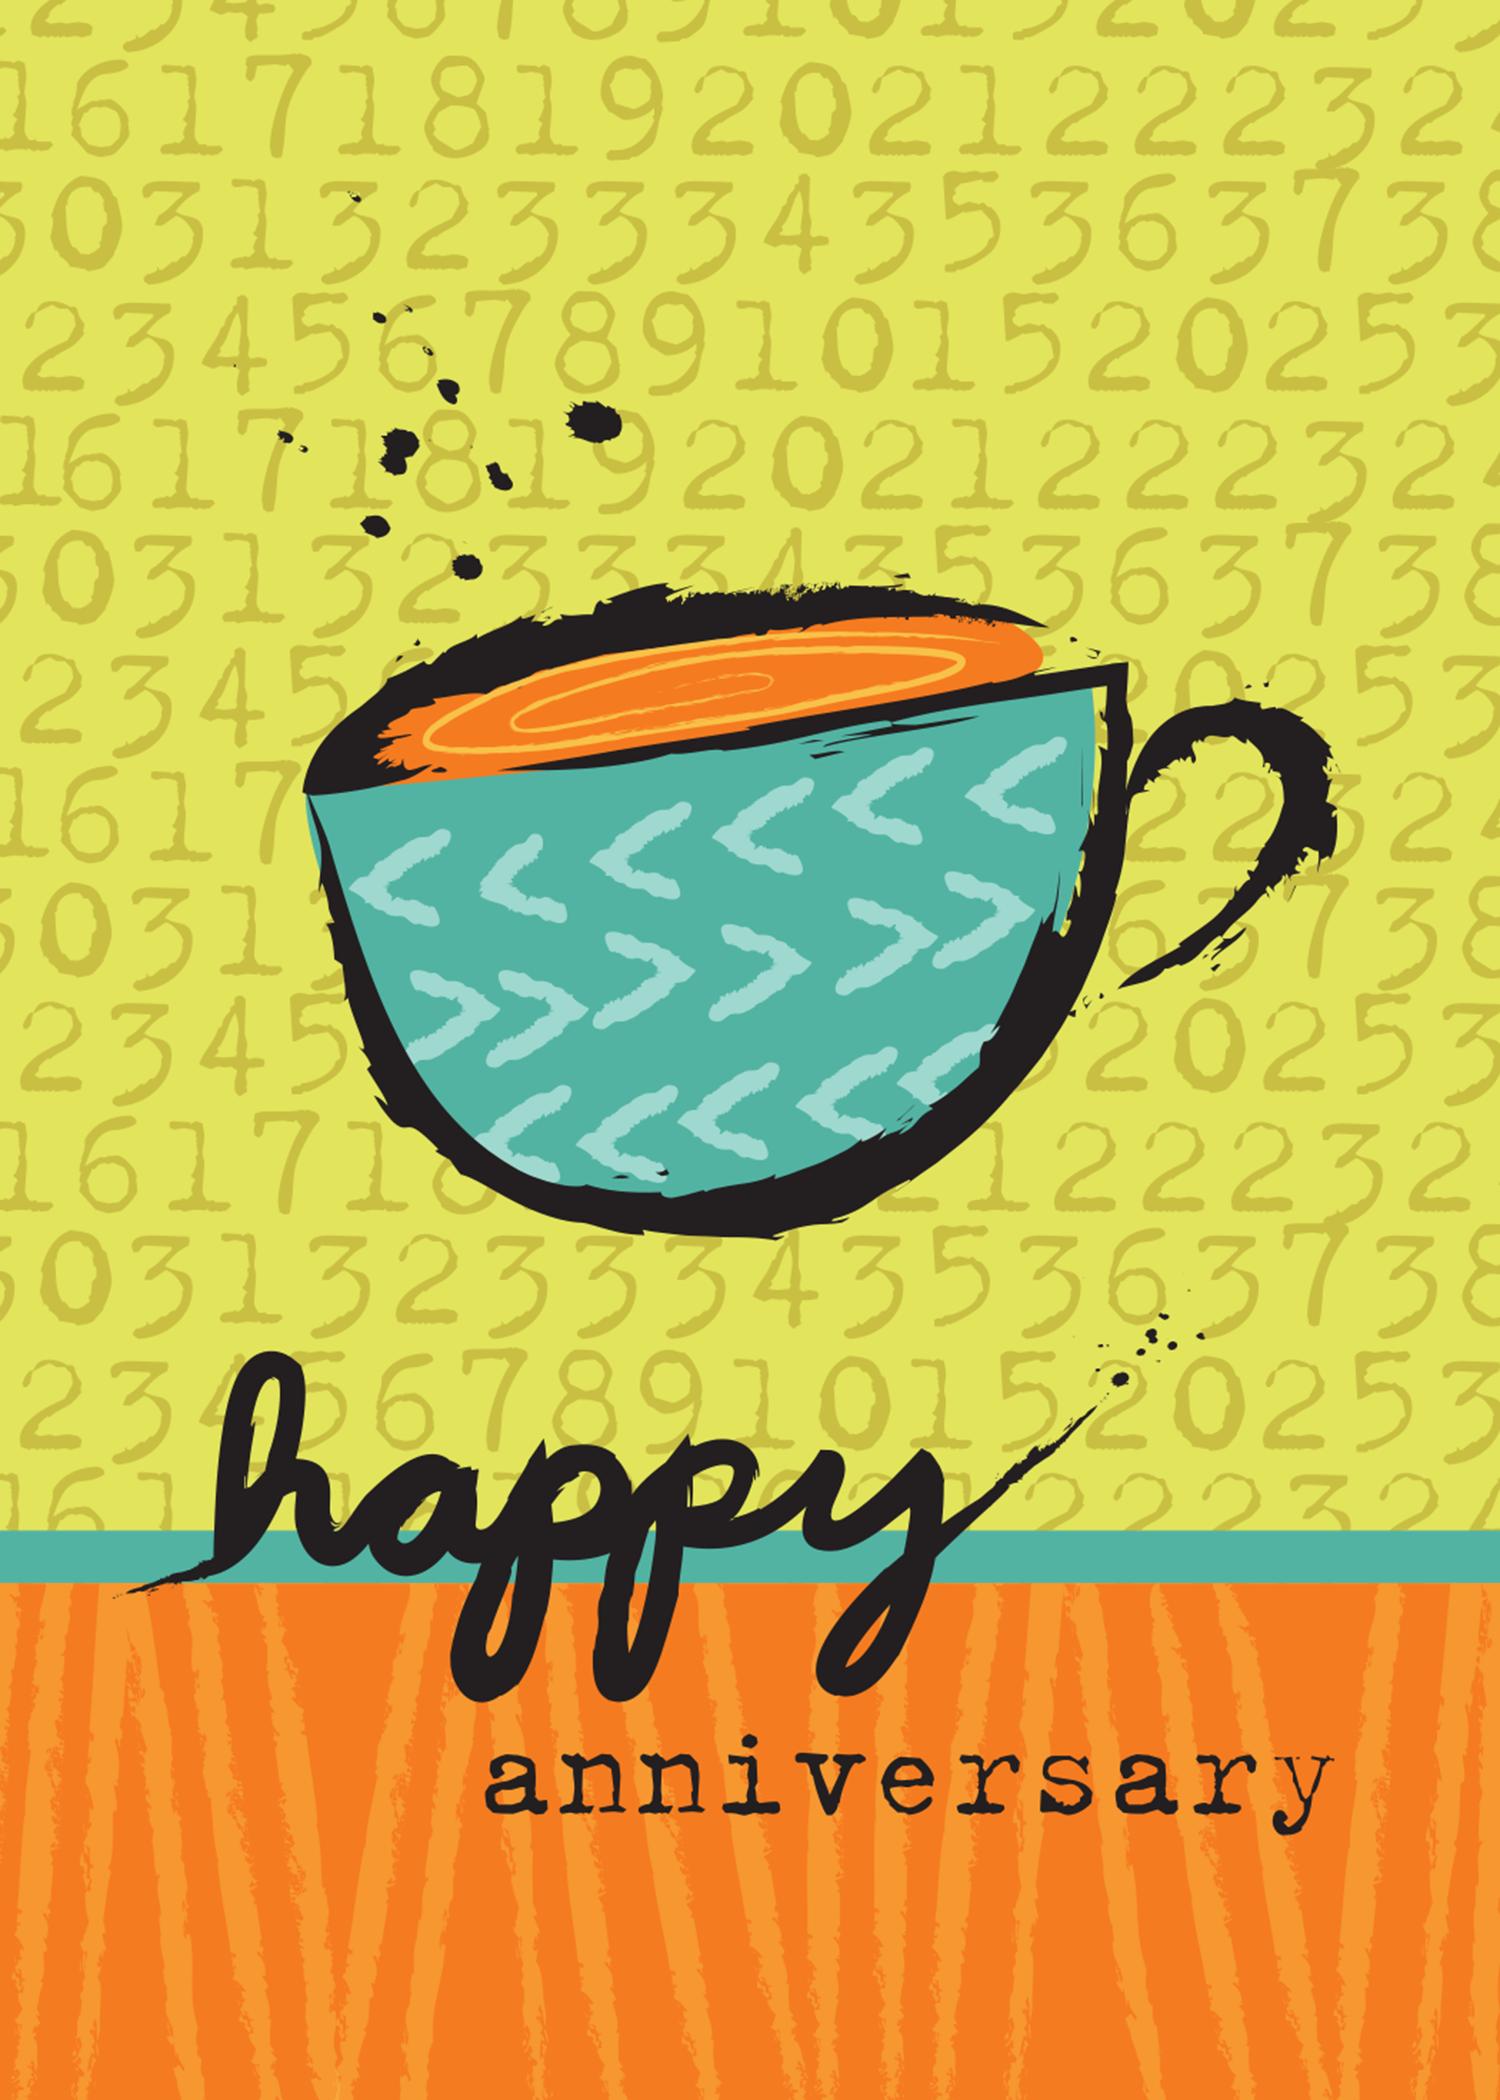 Inked anniversary